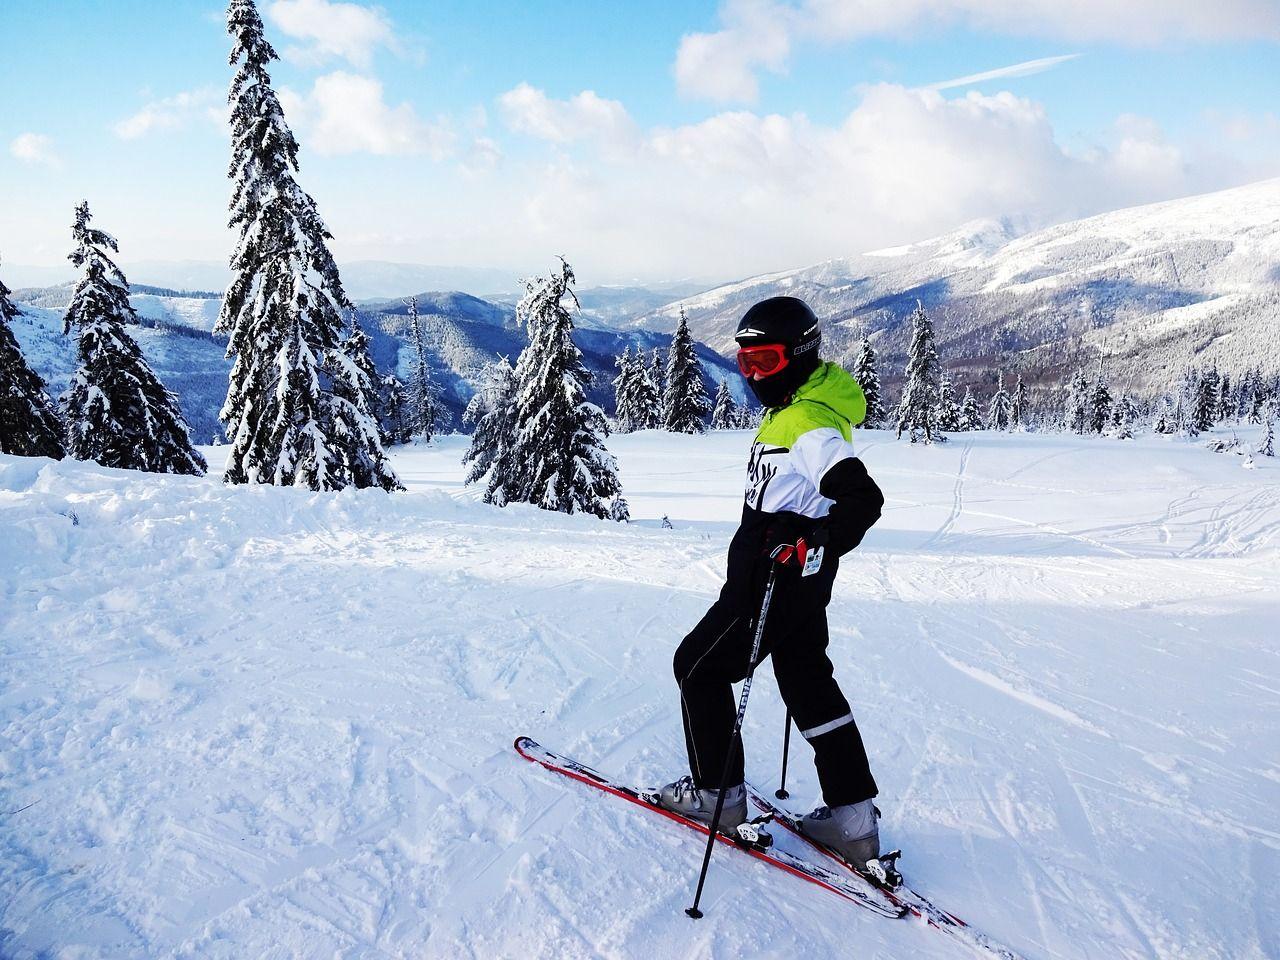 Zimowe szaleństwo – gdzie się wybrać na wakacje z całą rodziną?